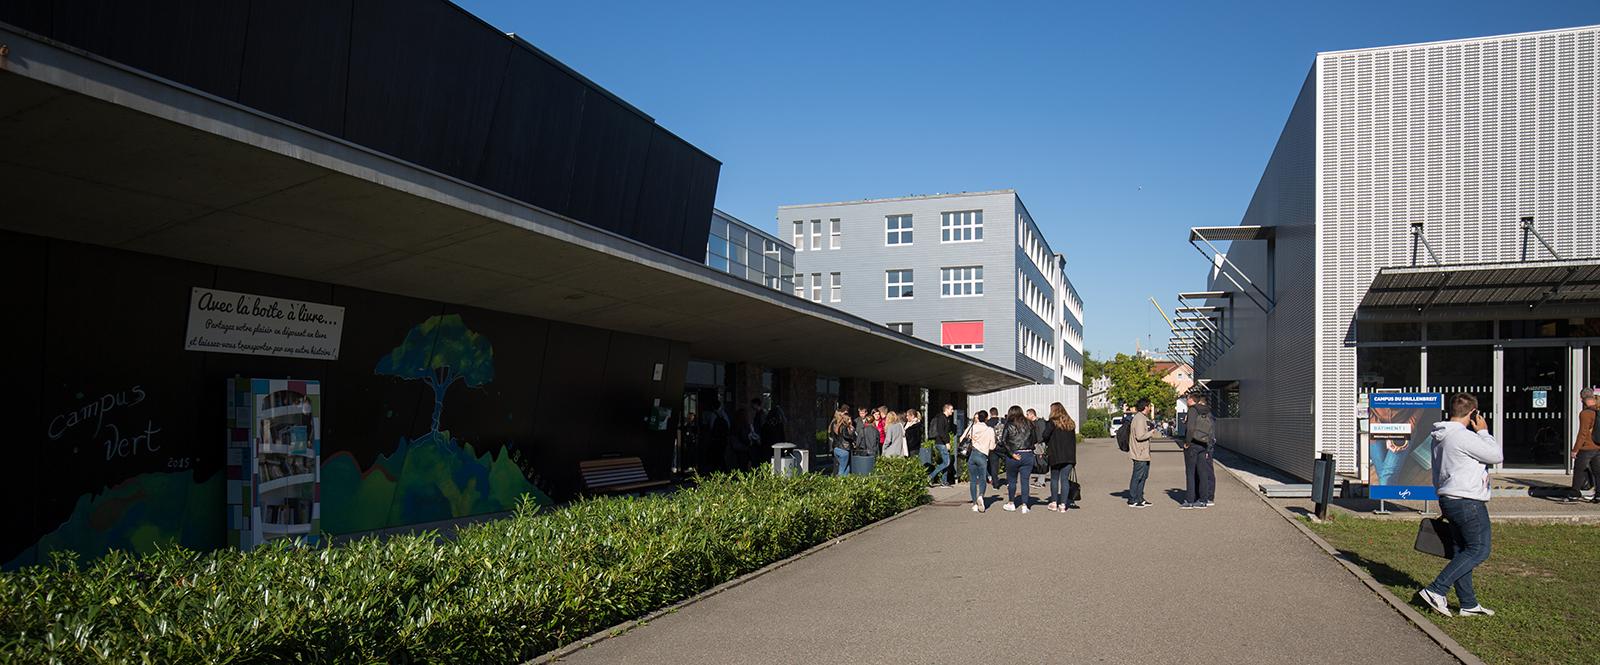 Campus Grillenbreit